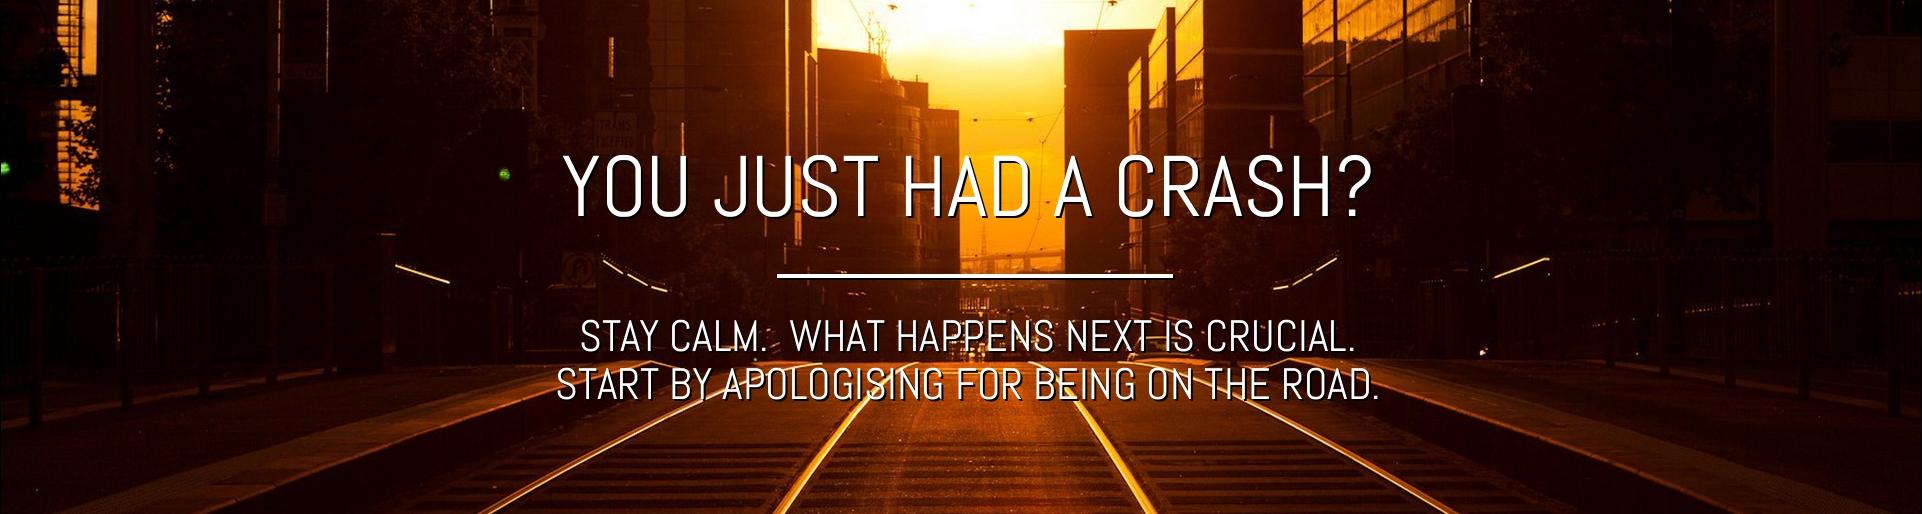 So you just had a crash?